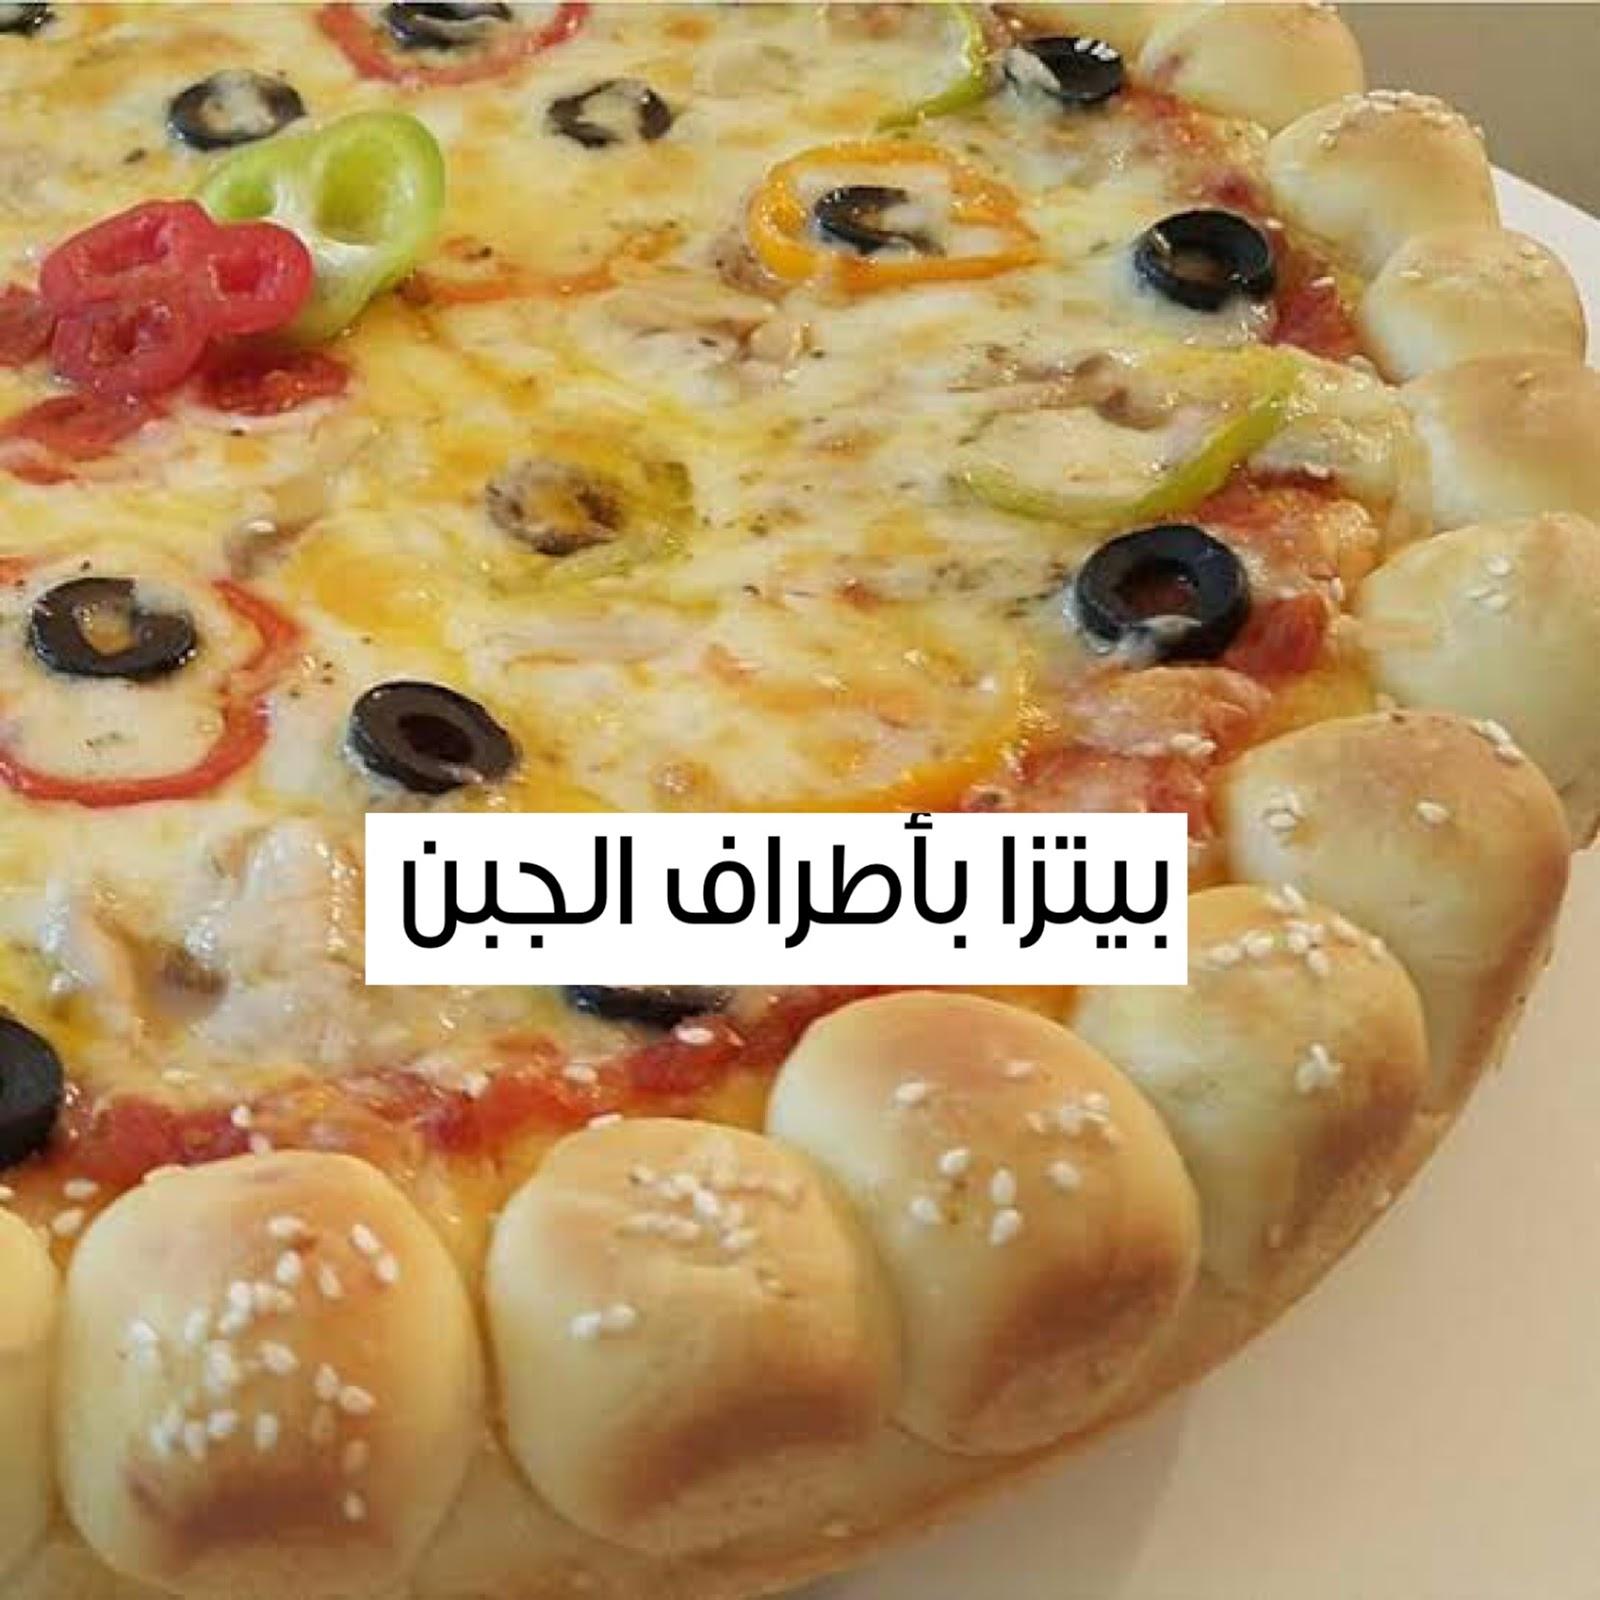 عميق قليل لسوء الحظ طريقة عمل عجينة البيتزا زي بيتزا هت Dsvdedommel Com